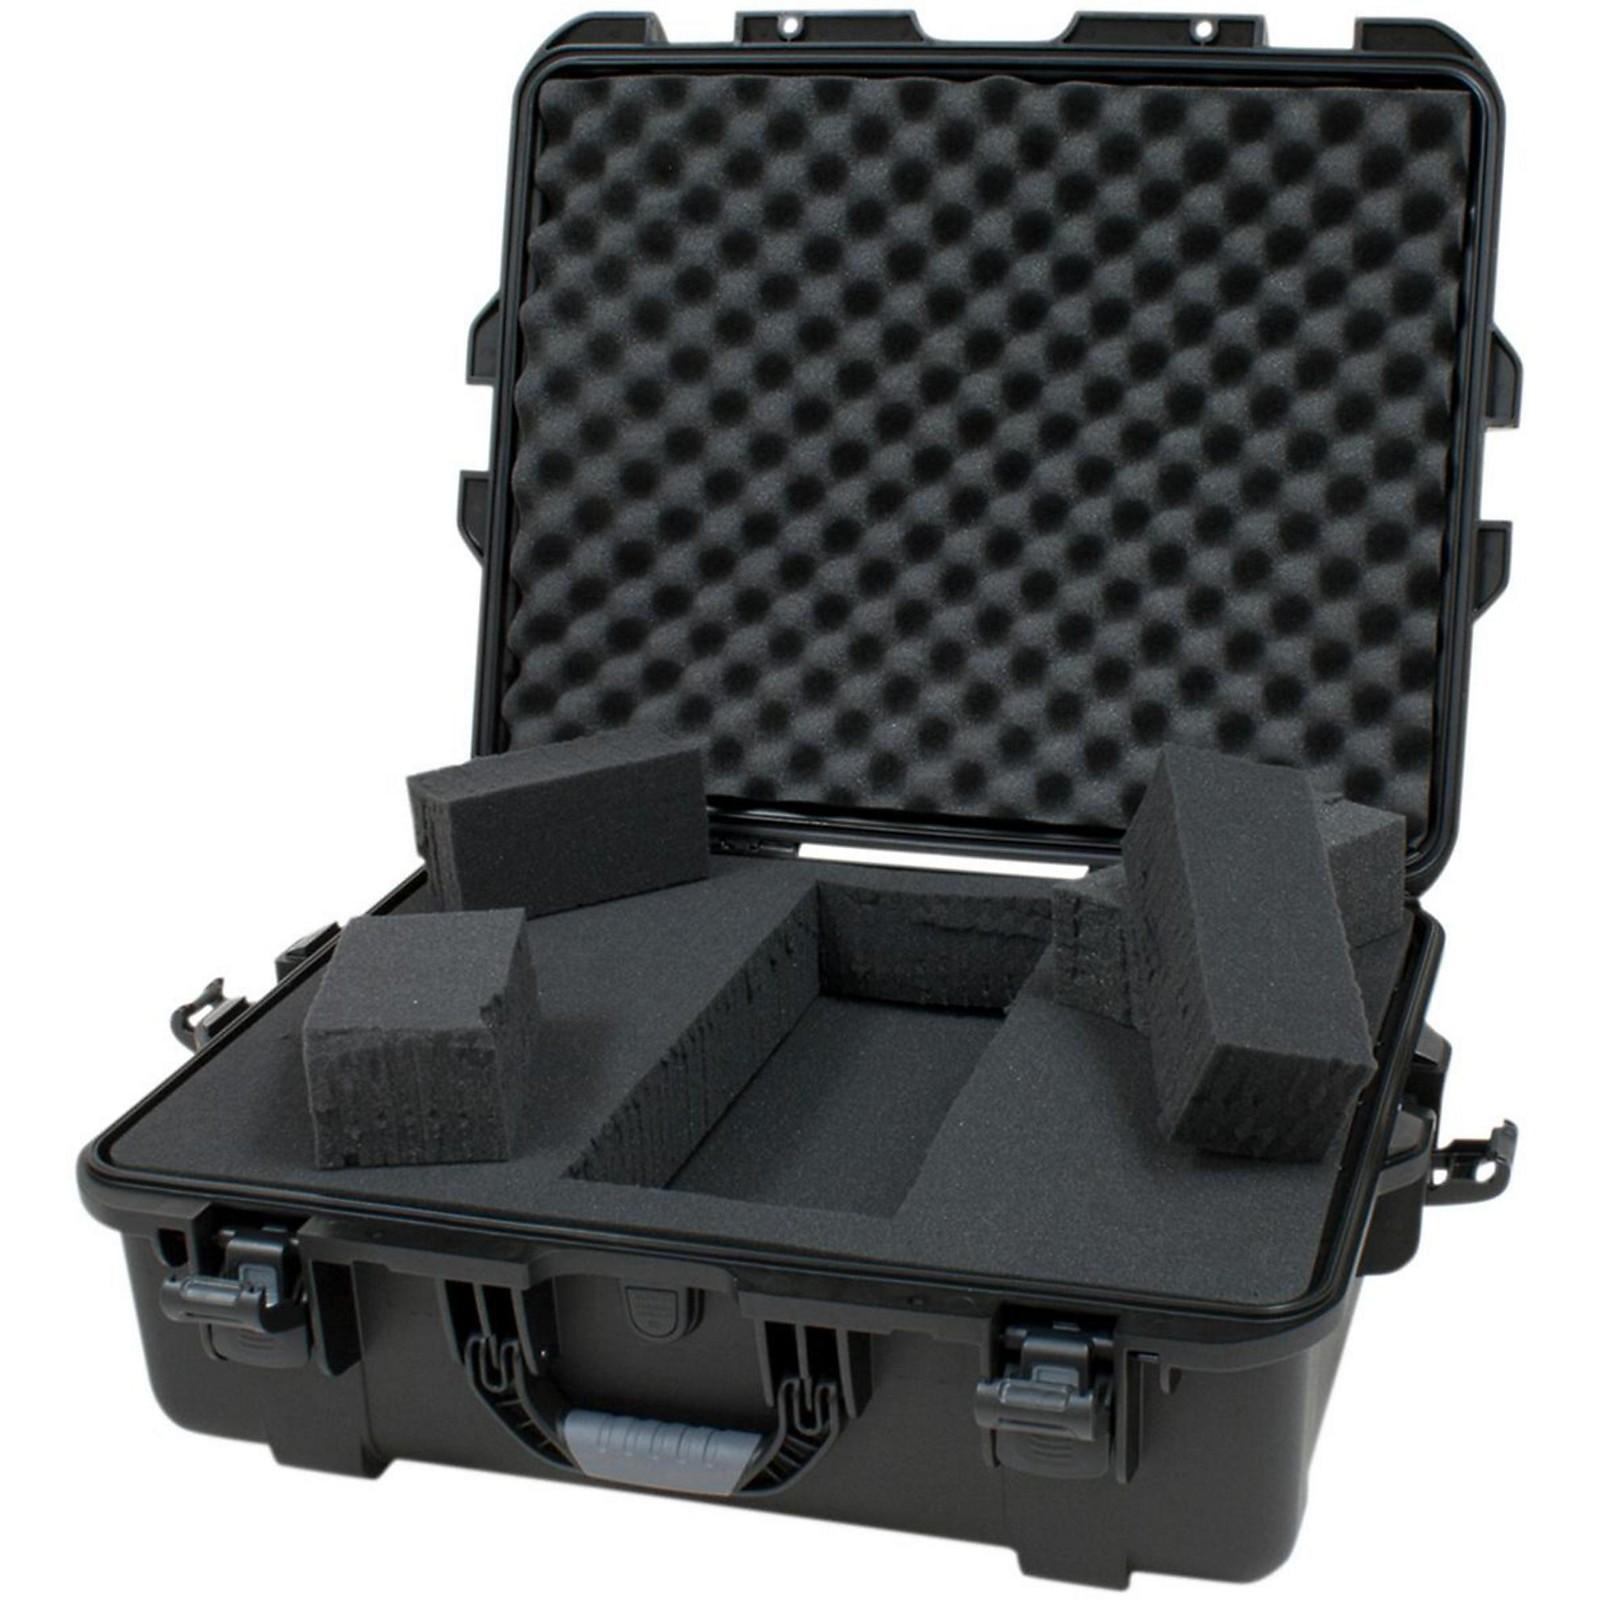 Gator GU-2217-08-WPDF Waterproof Injection Molded Case